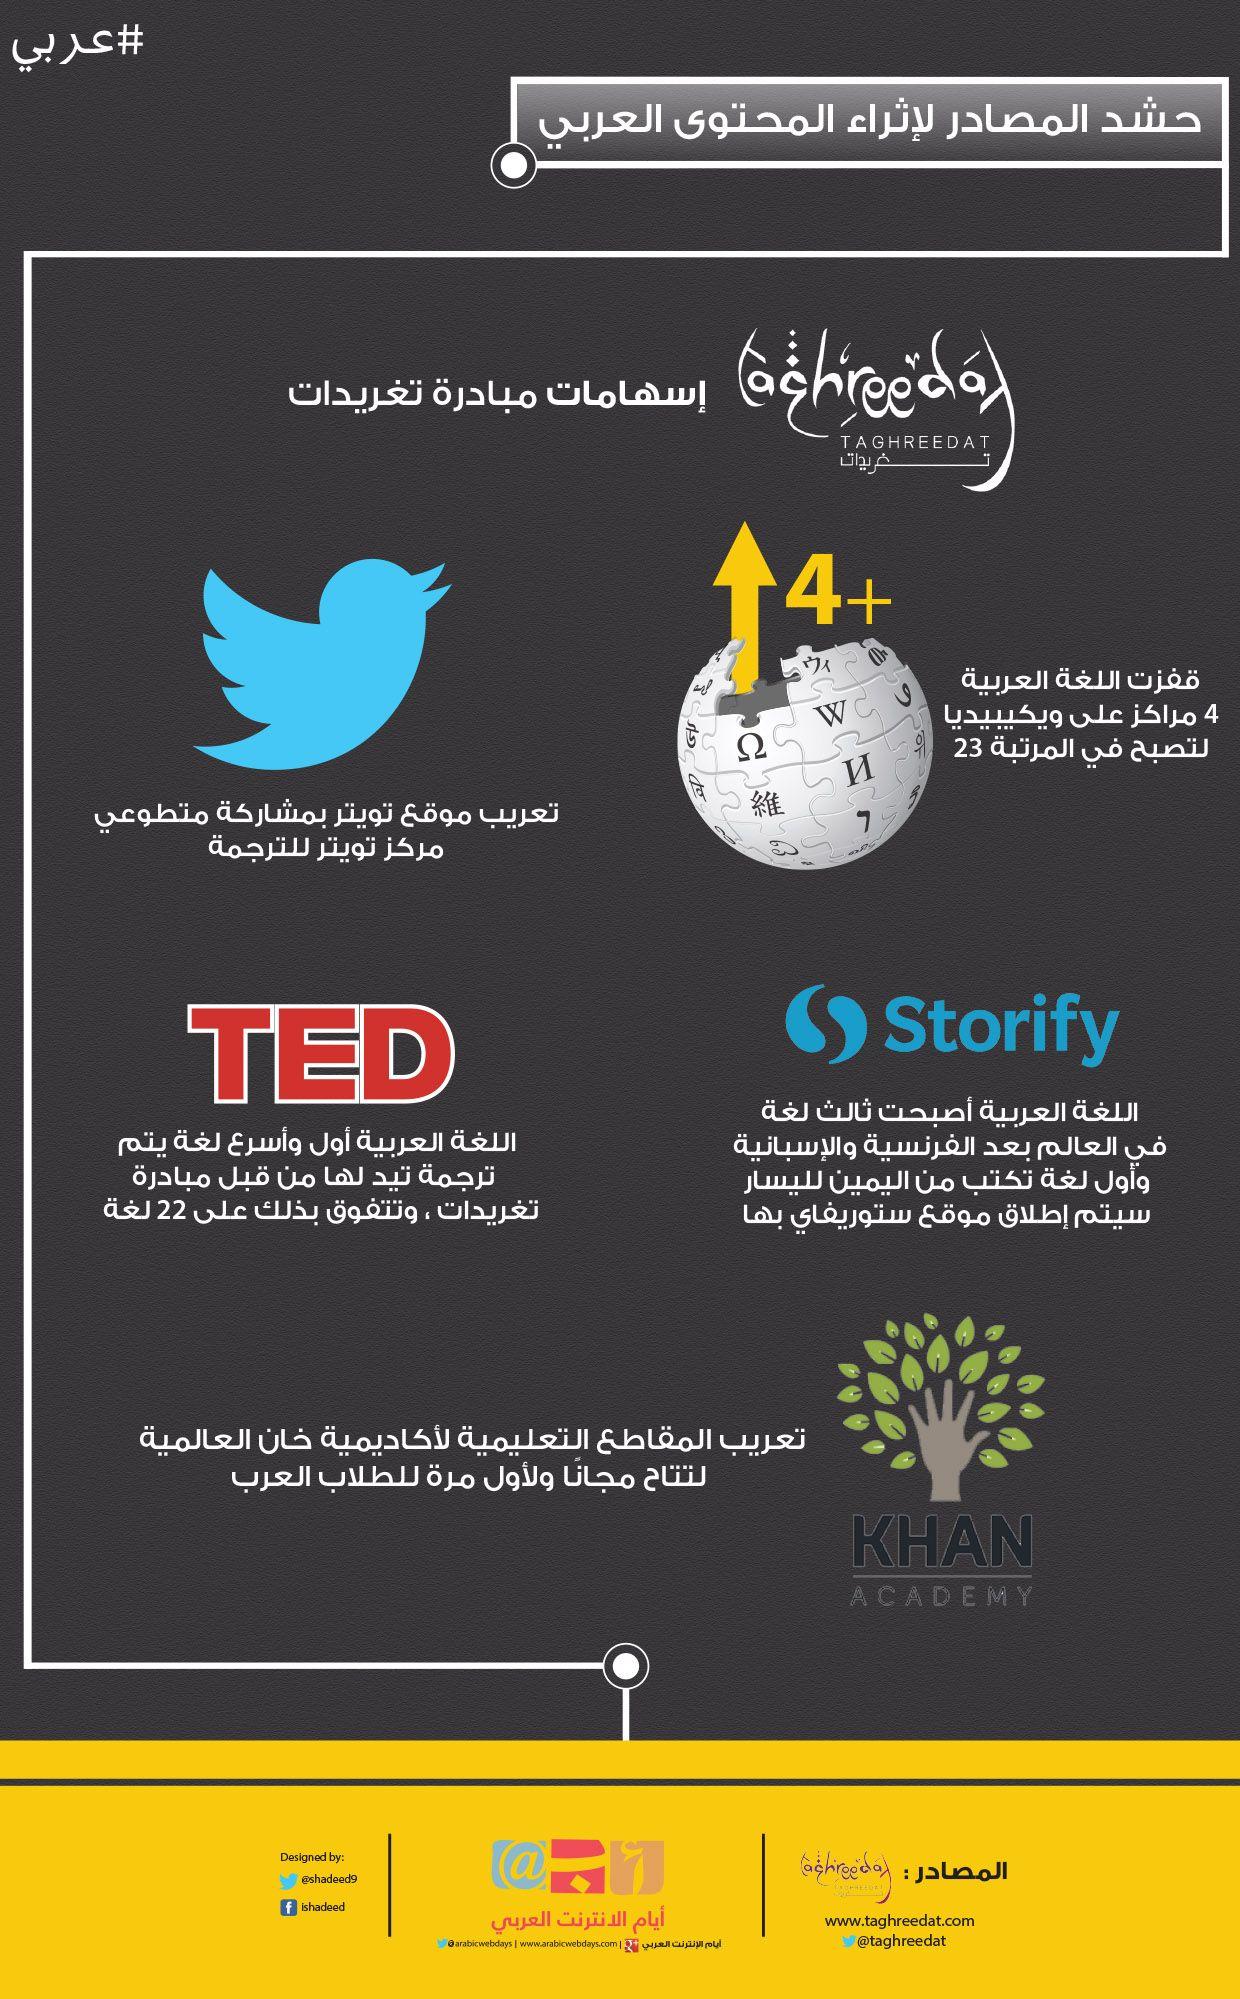 انفوجرافيك الشركاء الرئيسيين في مبادرة تغريدات و كيفية مساهمتهم في إثراء المحتوى العربي بالعربي احلى Infographic Index Tips